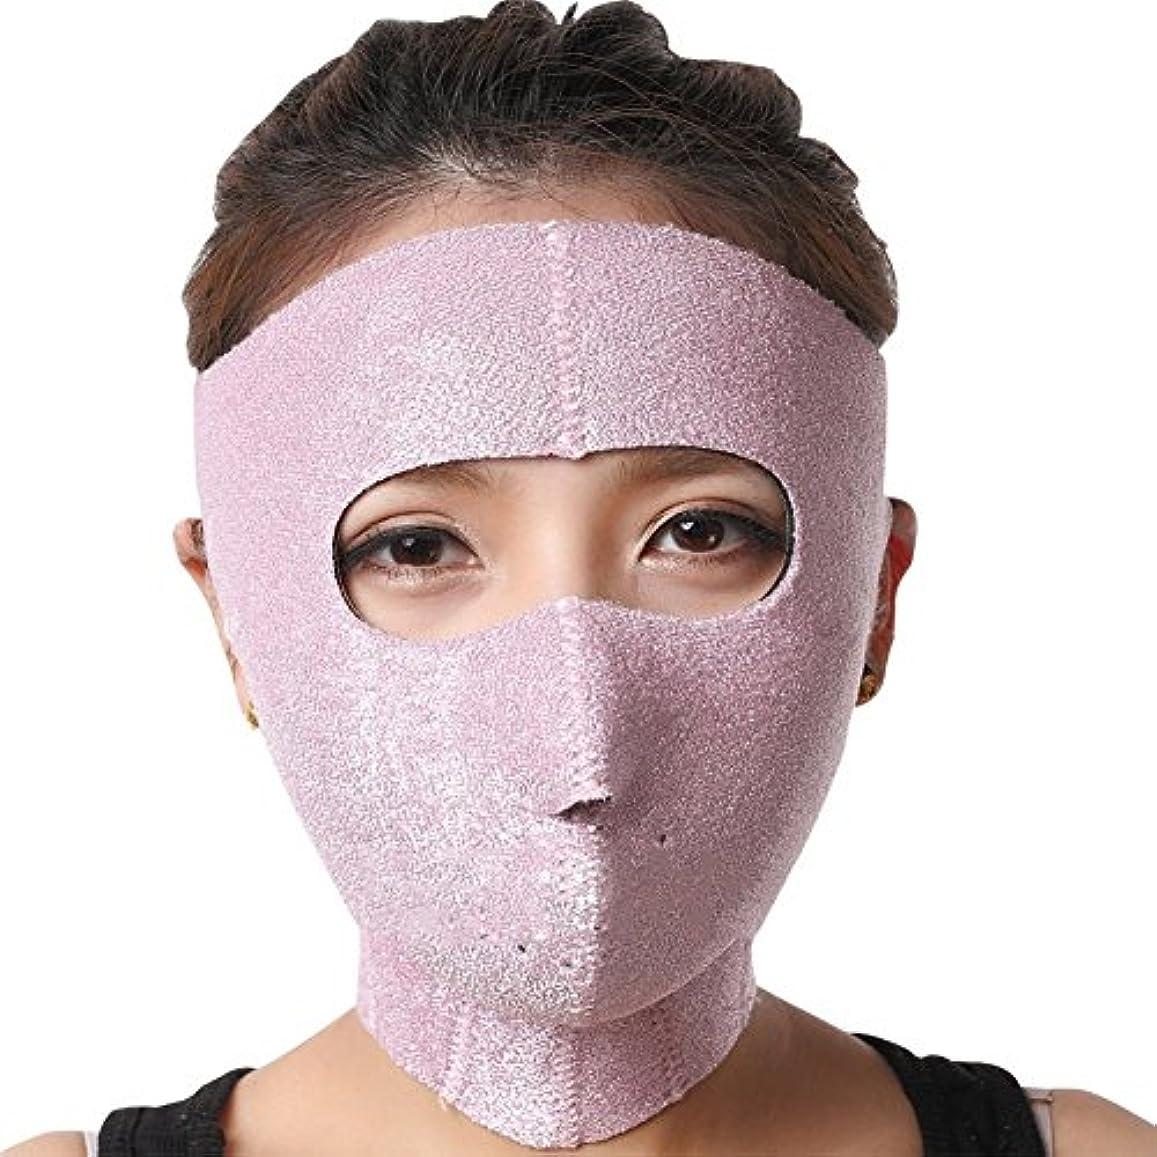 はっきりとパース上回る小顔サウナマスク ゲルマニウム 小顔矯正 マスク